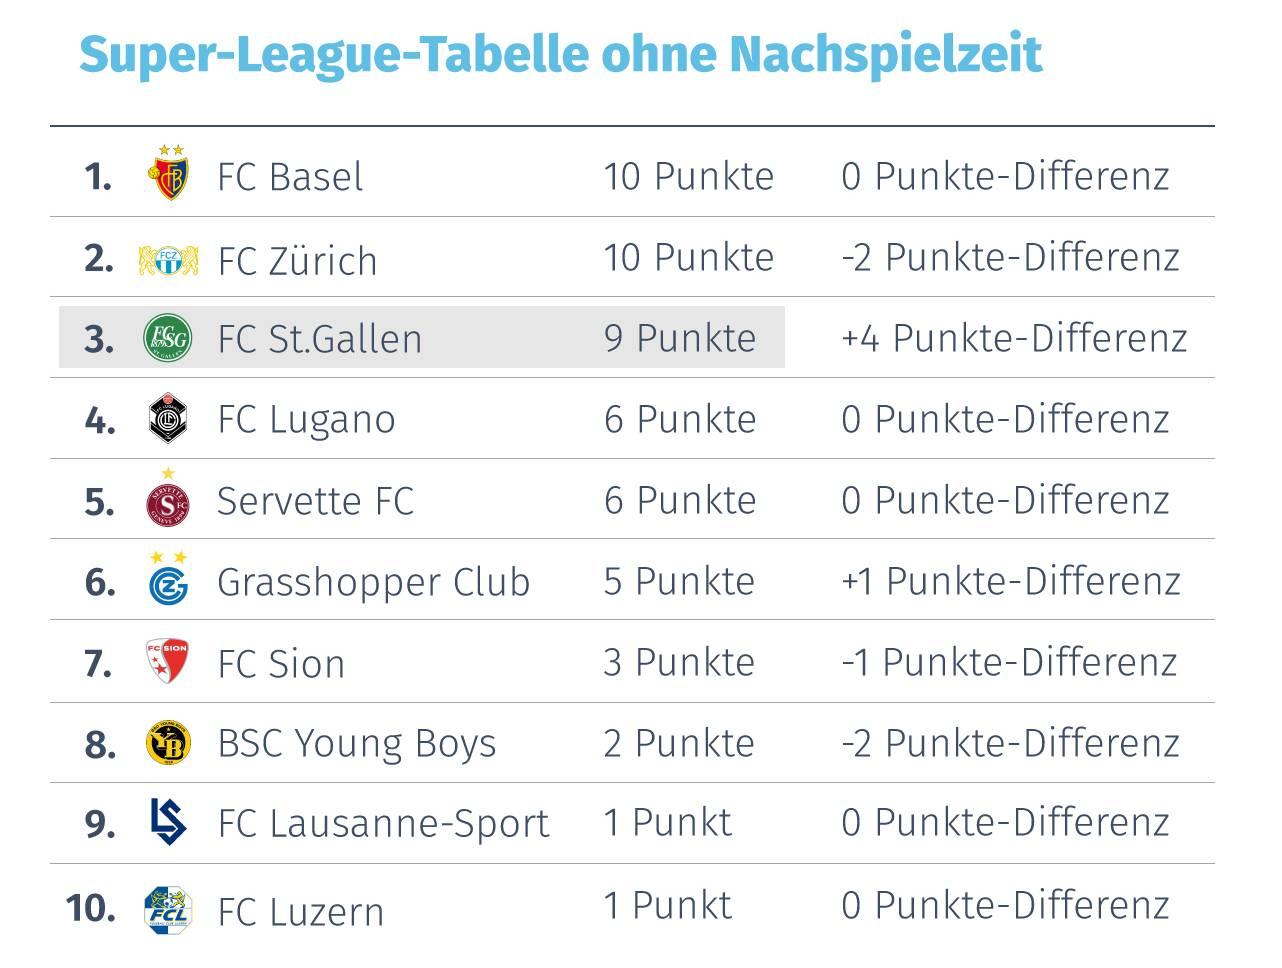 Die aktuelle Tabelle der Super League ohne Nachspielzeit.